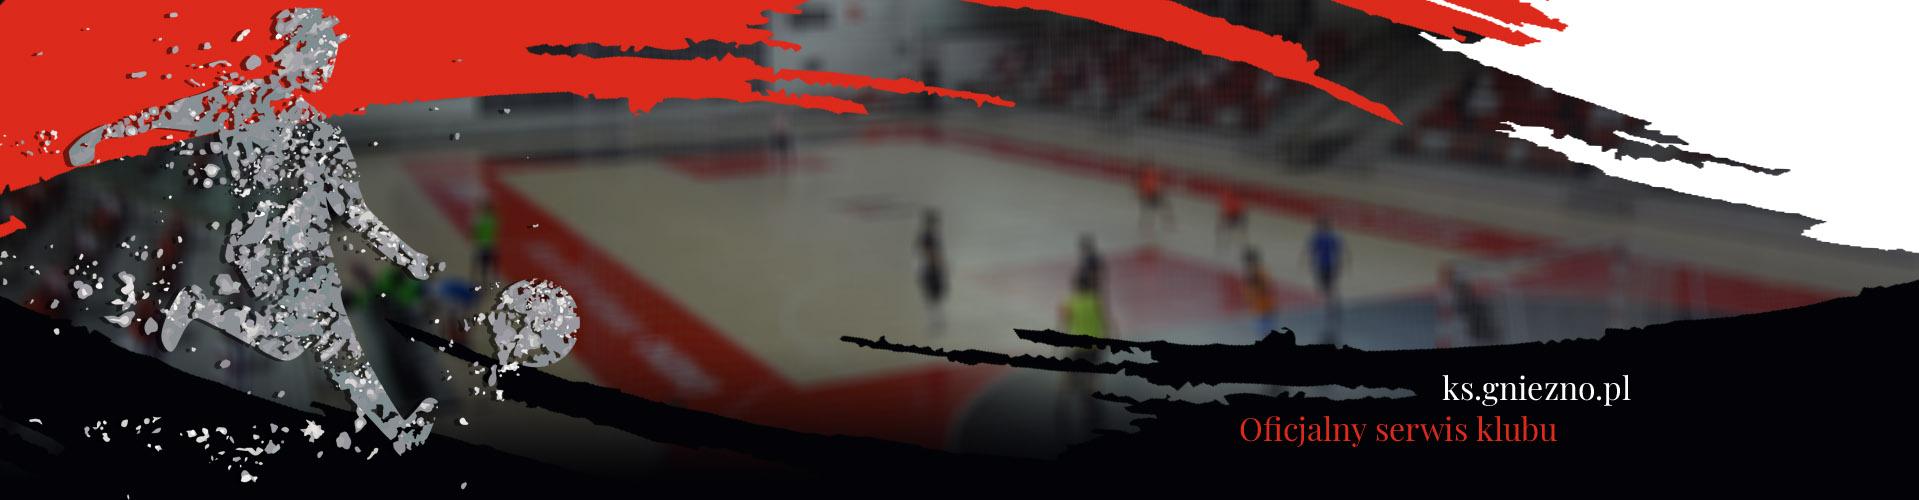 KS Gniezno – oficjalna strona klubu futsalowego